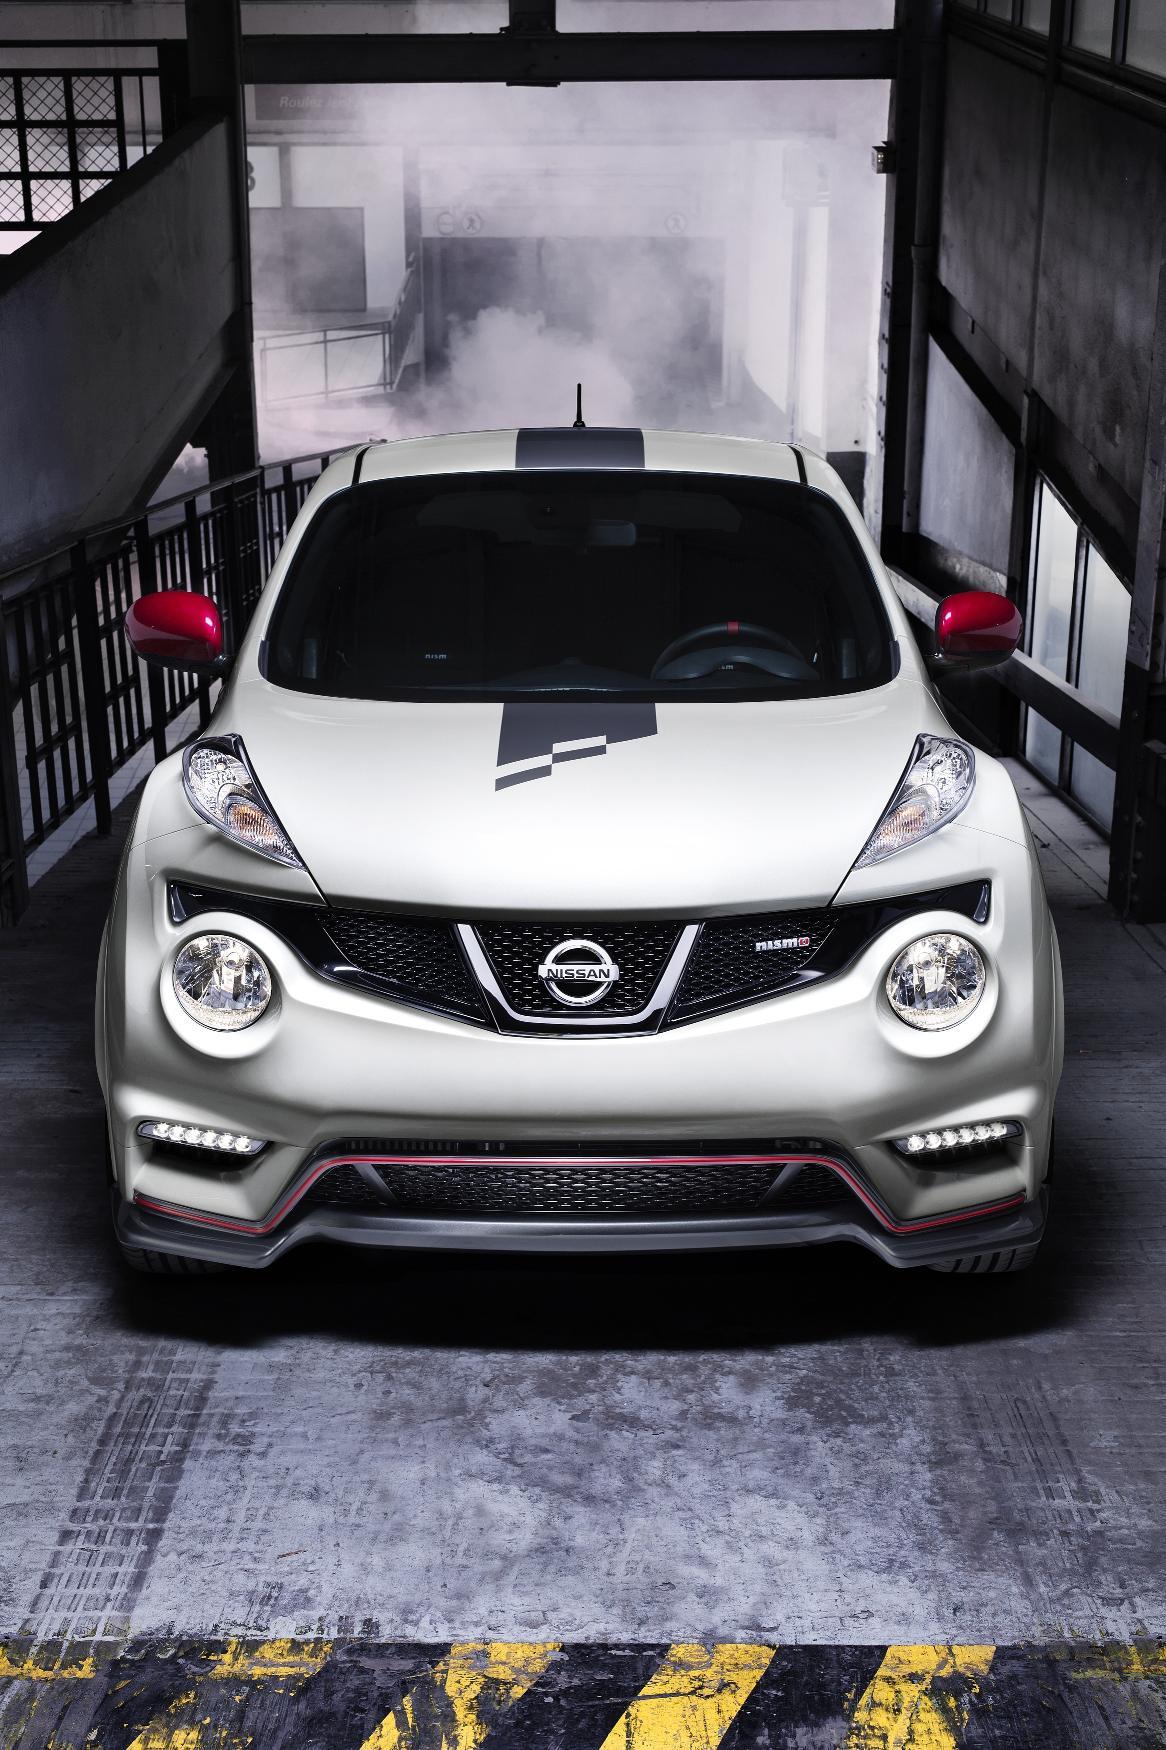 2013 Nissan Juke Nismo debuts at Le Mans